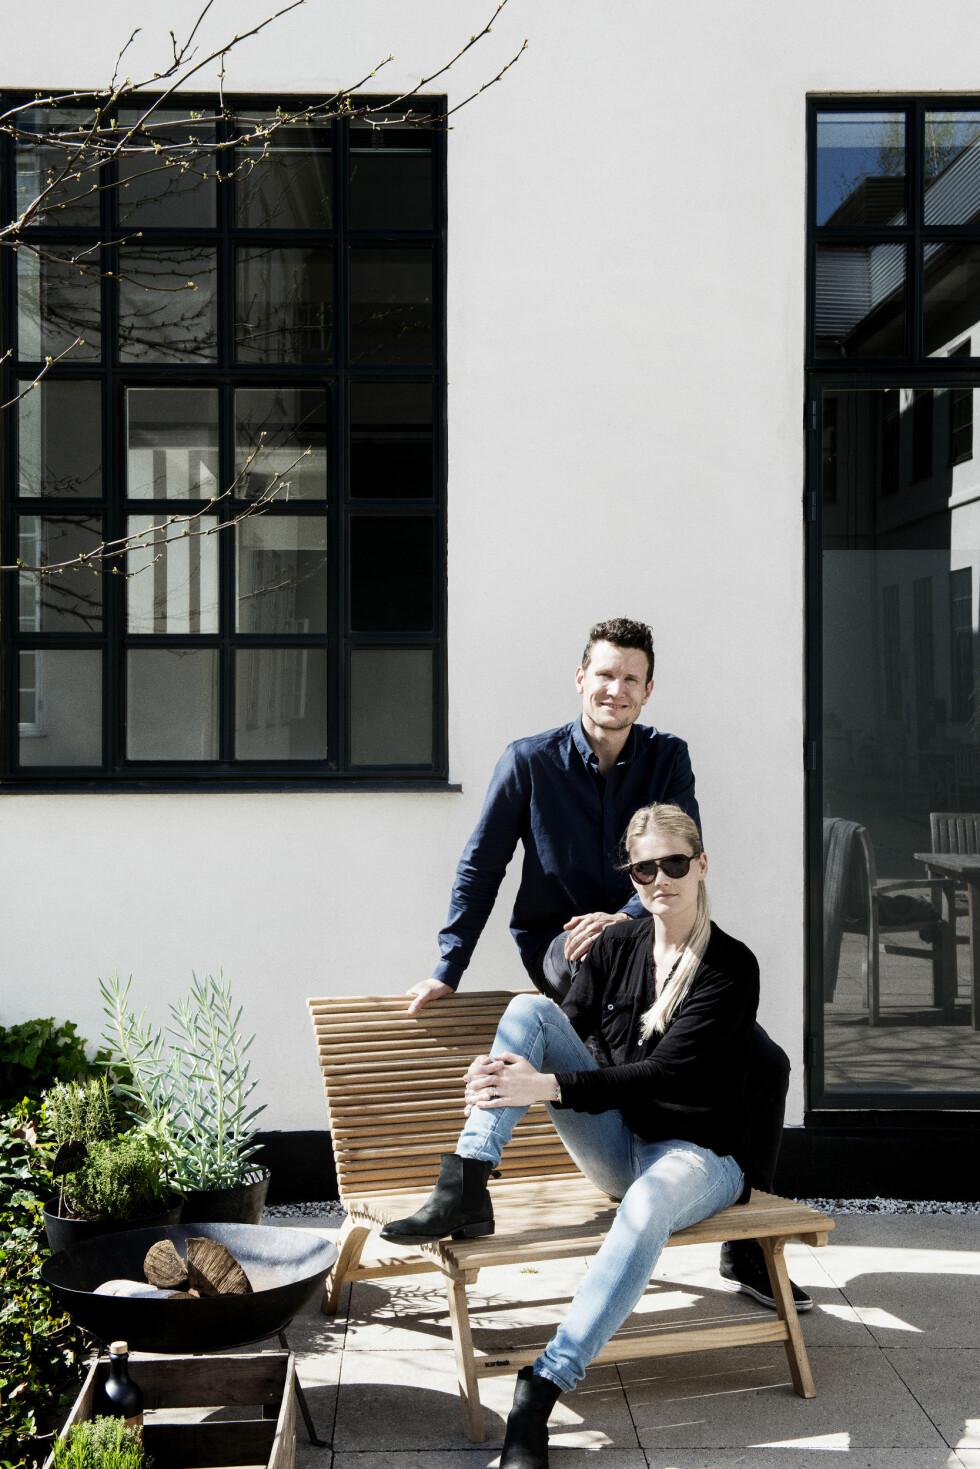 PERFEKT STED: Michala og Morten syntes det gamle fabrikklokalet var et perfekt sted for den minimalistiske drømmeleiligheten. Foto: Gyrithe Lemche